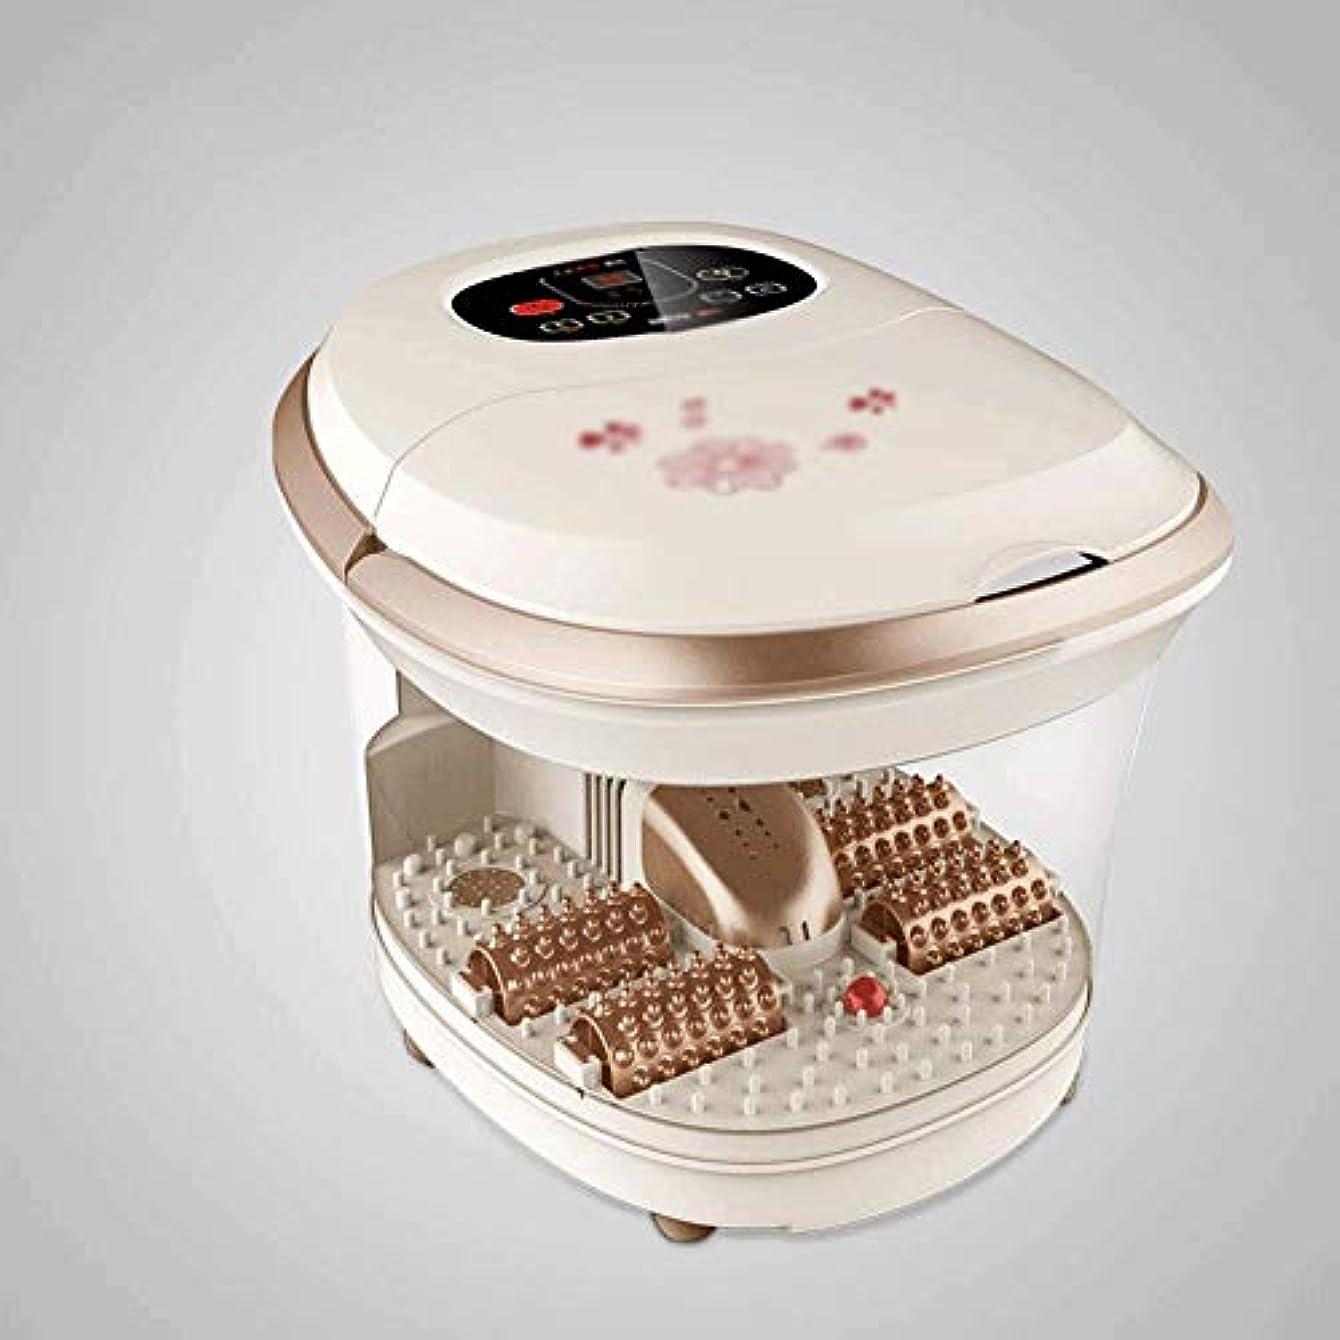 LEIGE Foot Spa Massager - スーパーファストヒーティングシステム、4つの電動マッサージローラー、ささやきの静かな